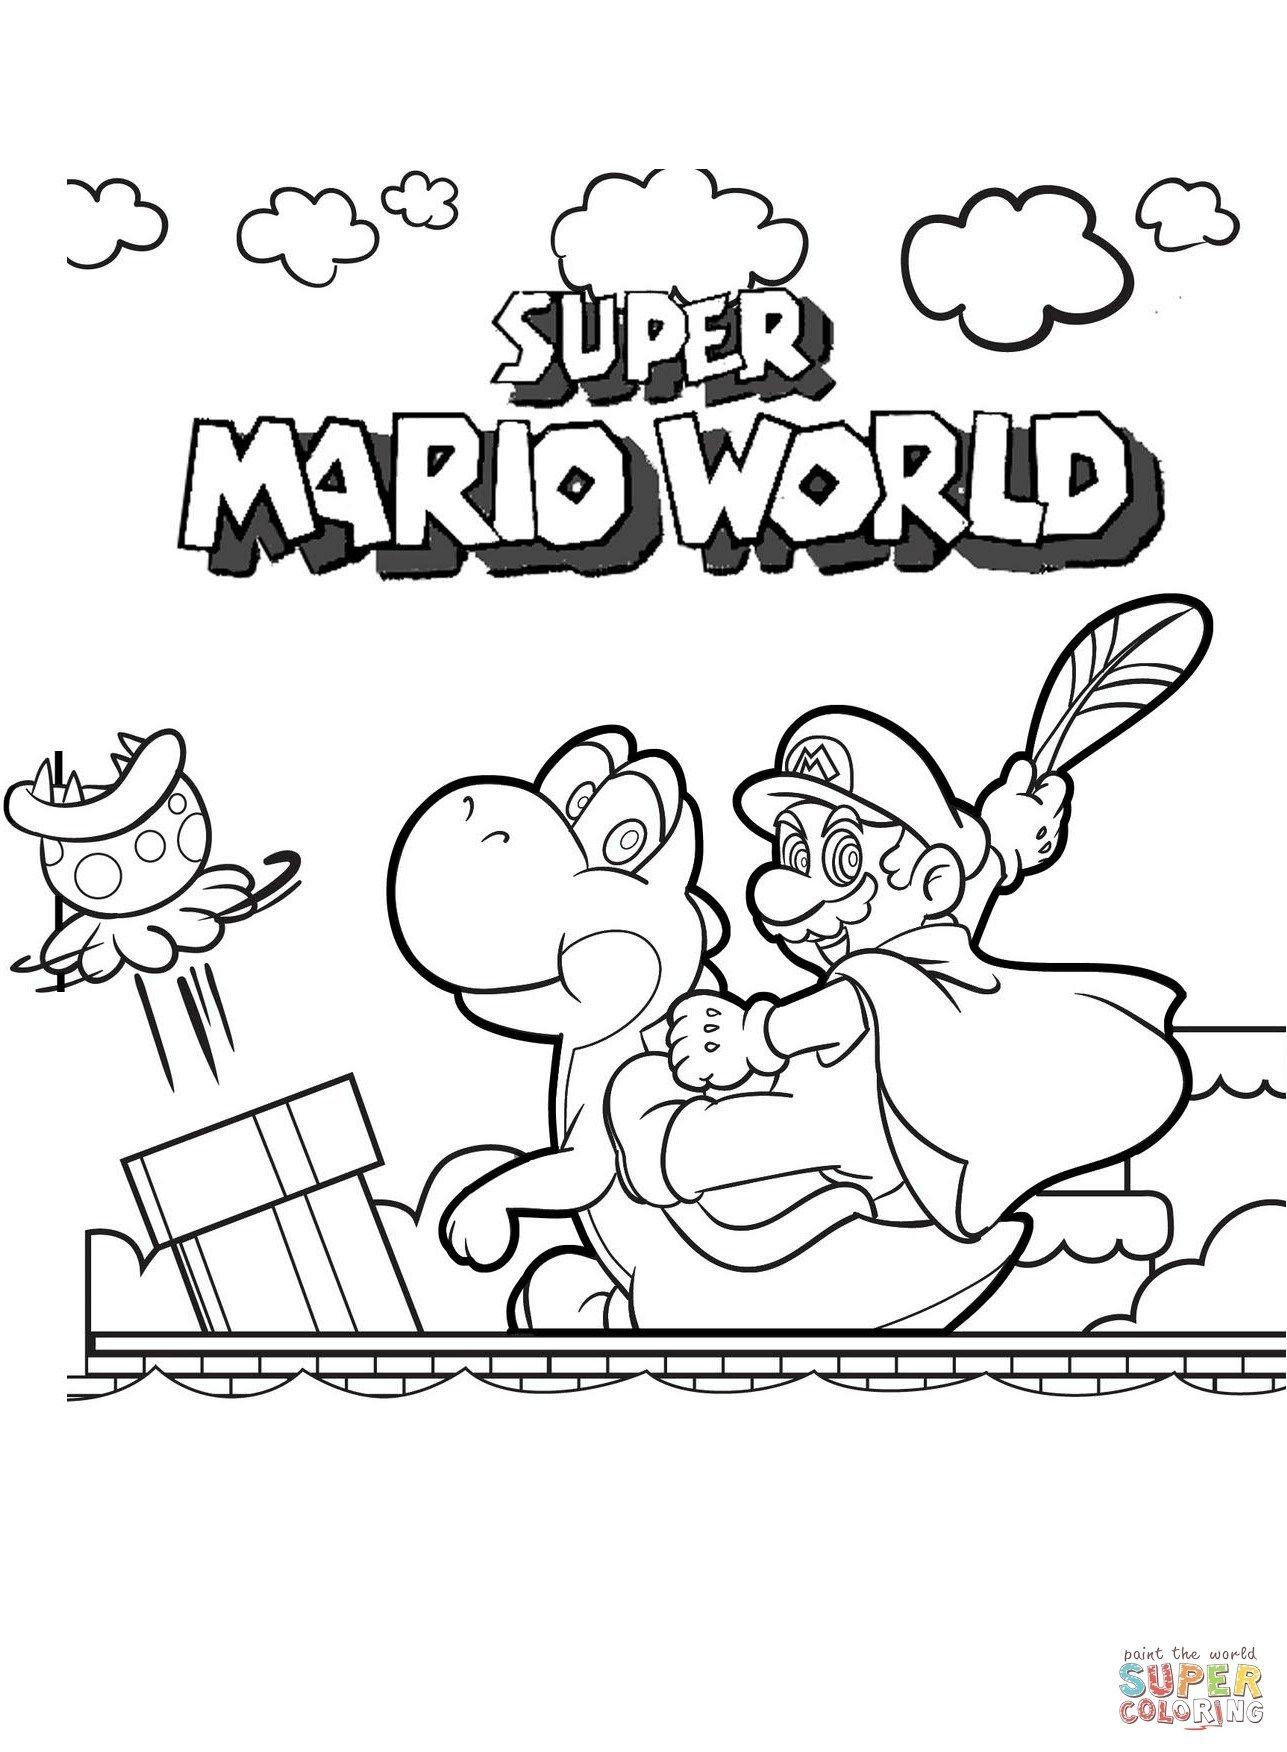 Malvorlagen Kostenlos Mario